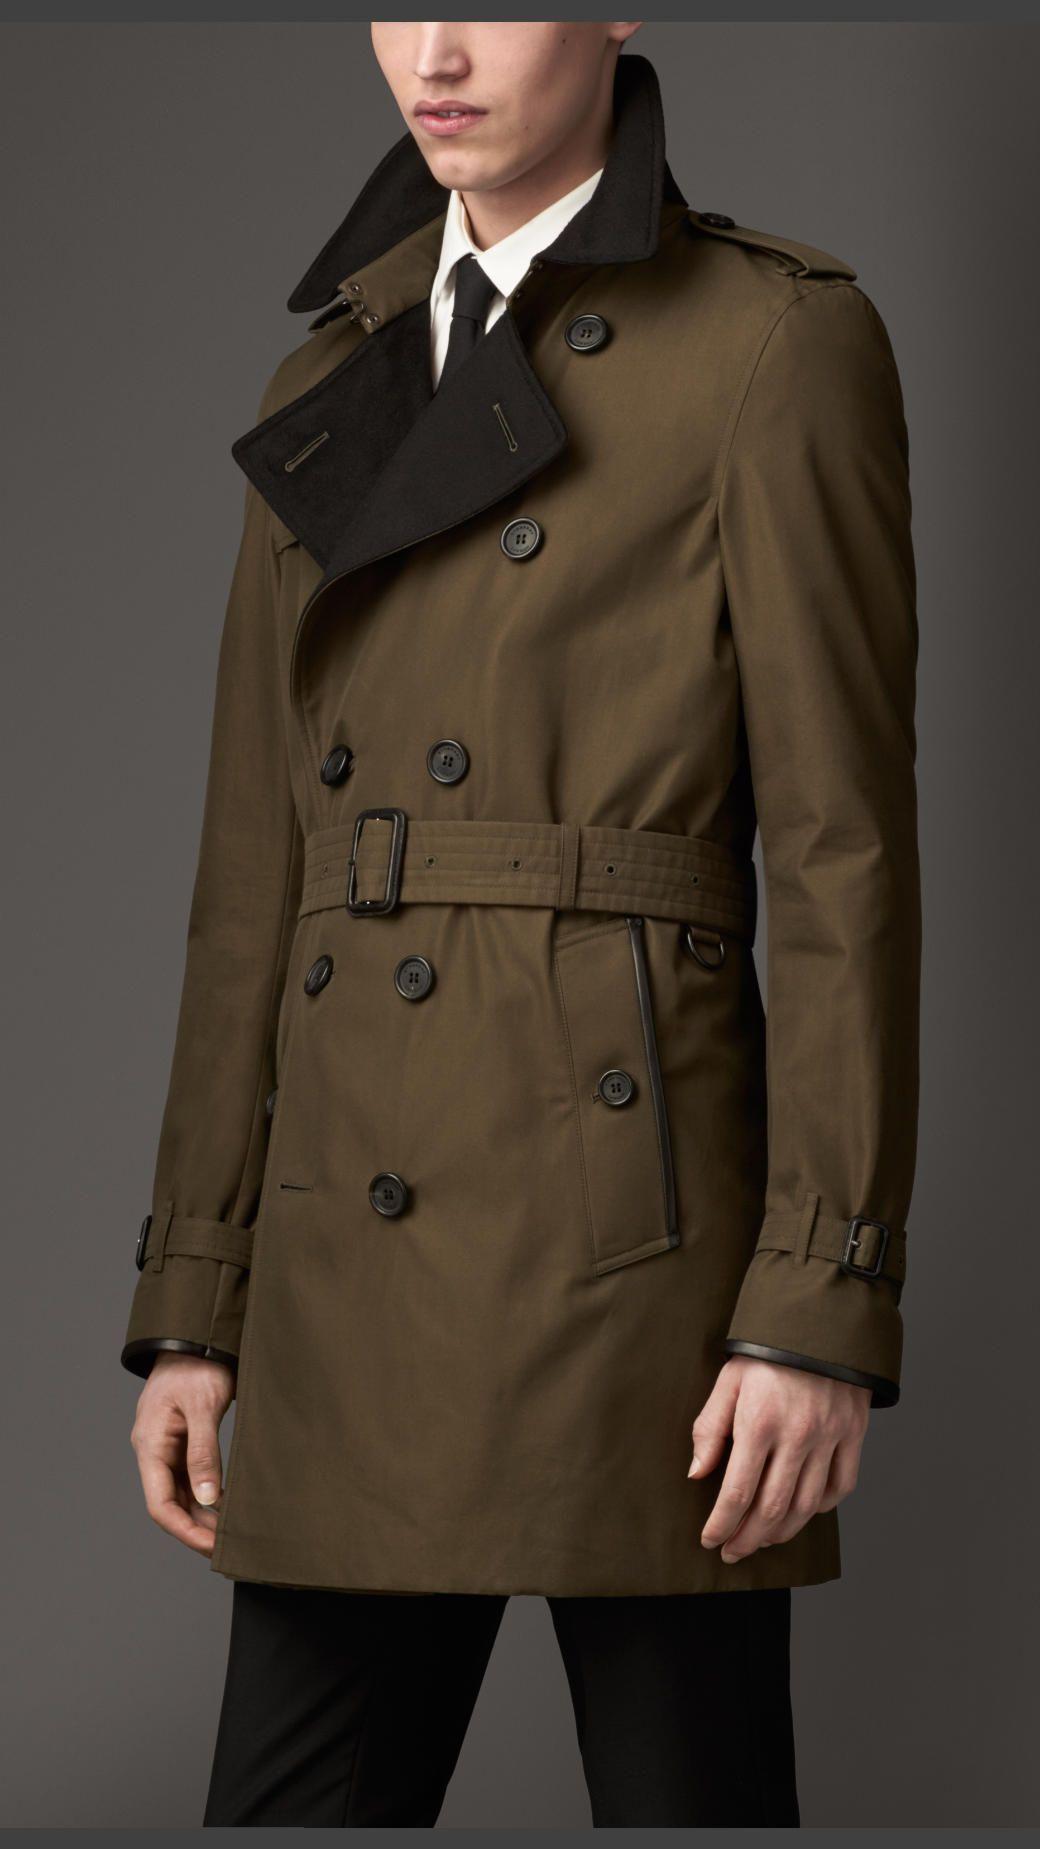 Trench Coats For Men Burberry Trench Coat Men Trench Coat Mens Winter Coat